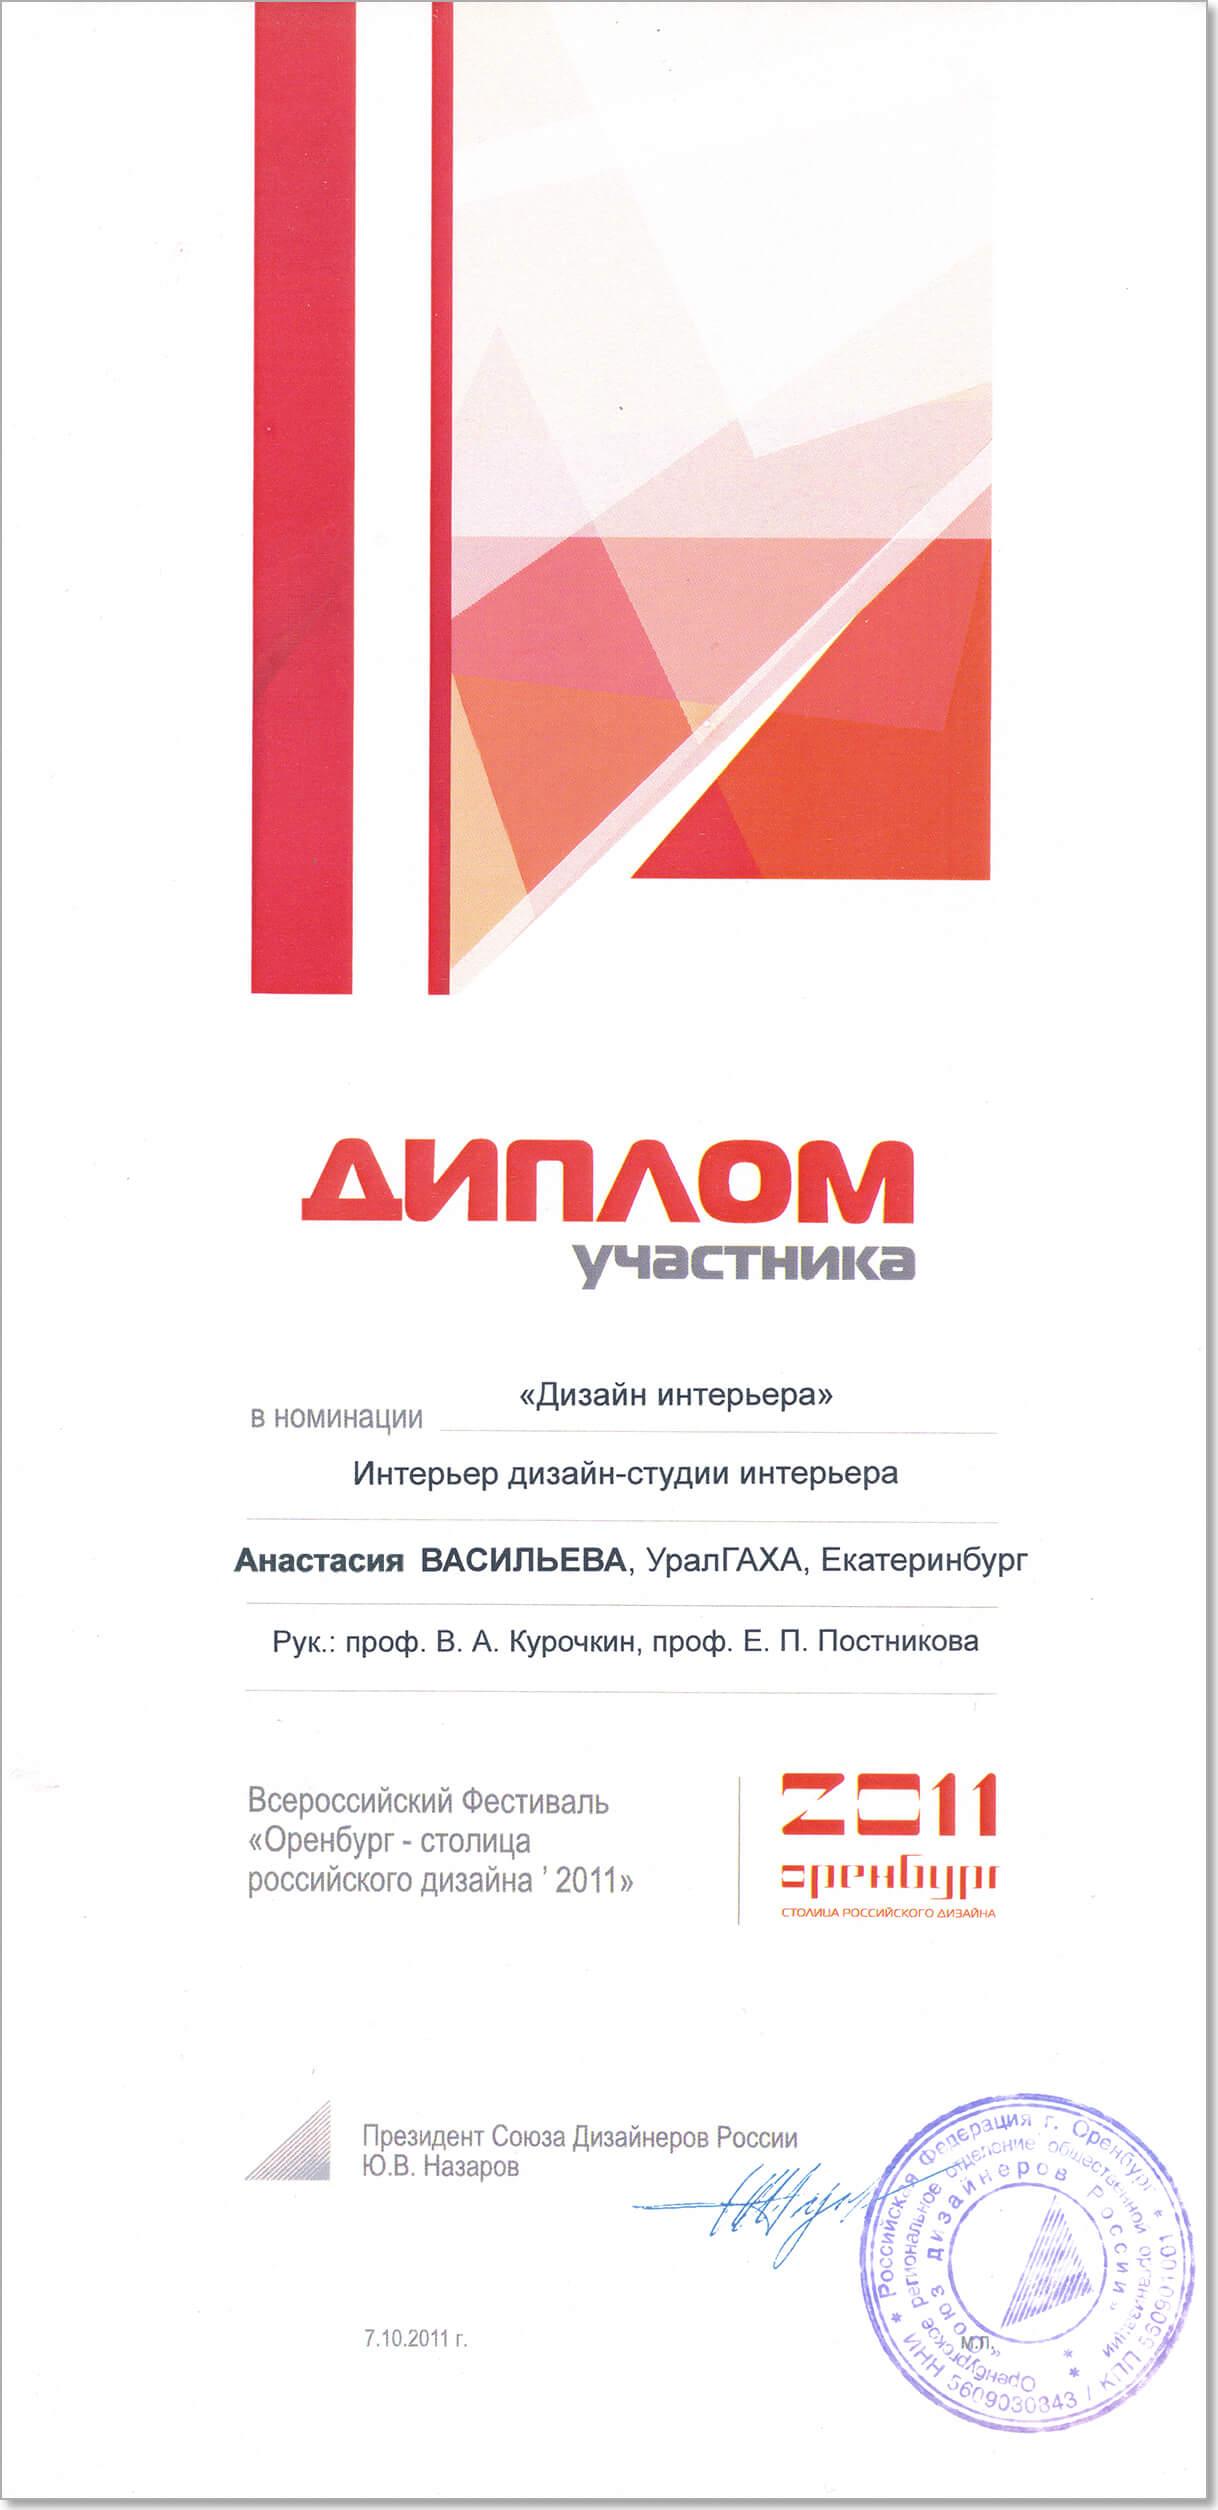 Диплом фестиваля дизайна Анастасии Дягилевой